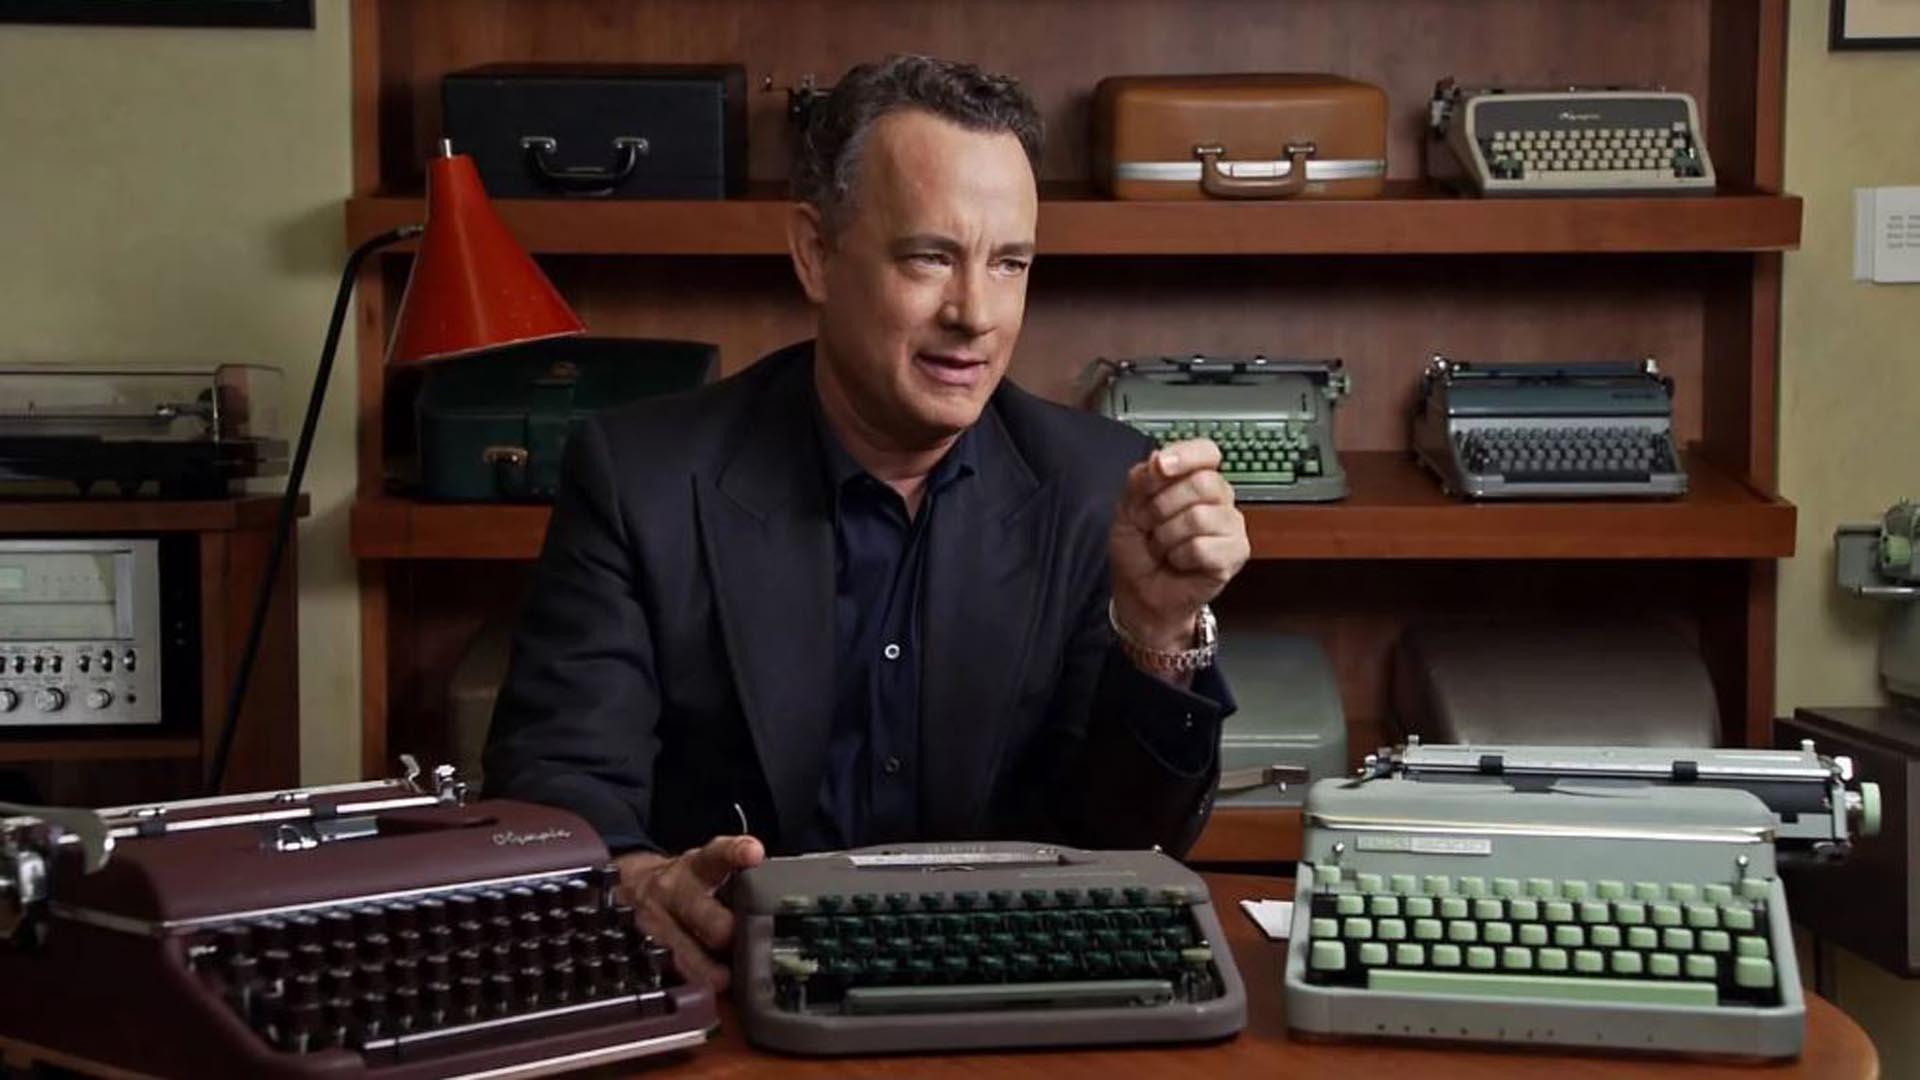 Tom Hanks, coleccionista de máquinas de escribir y ahora autor